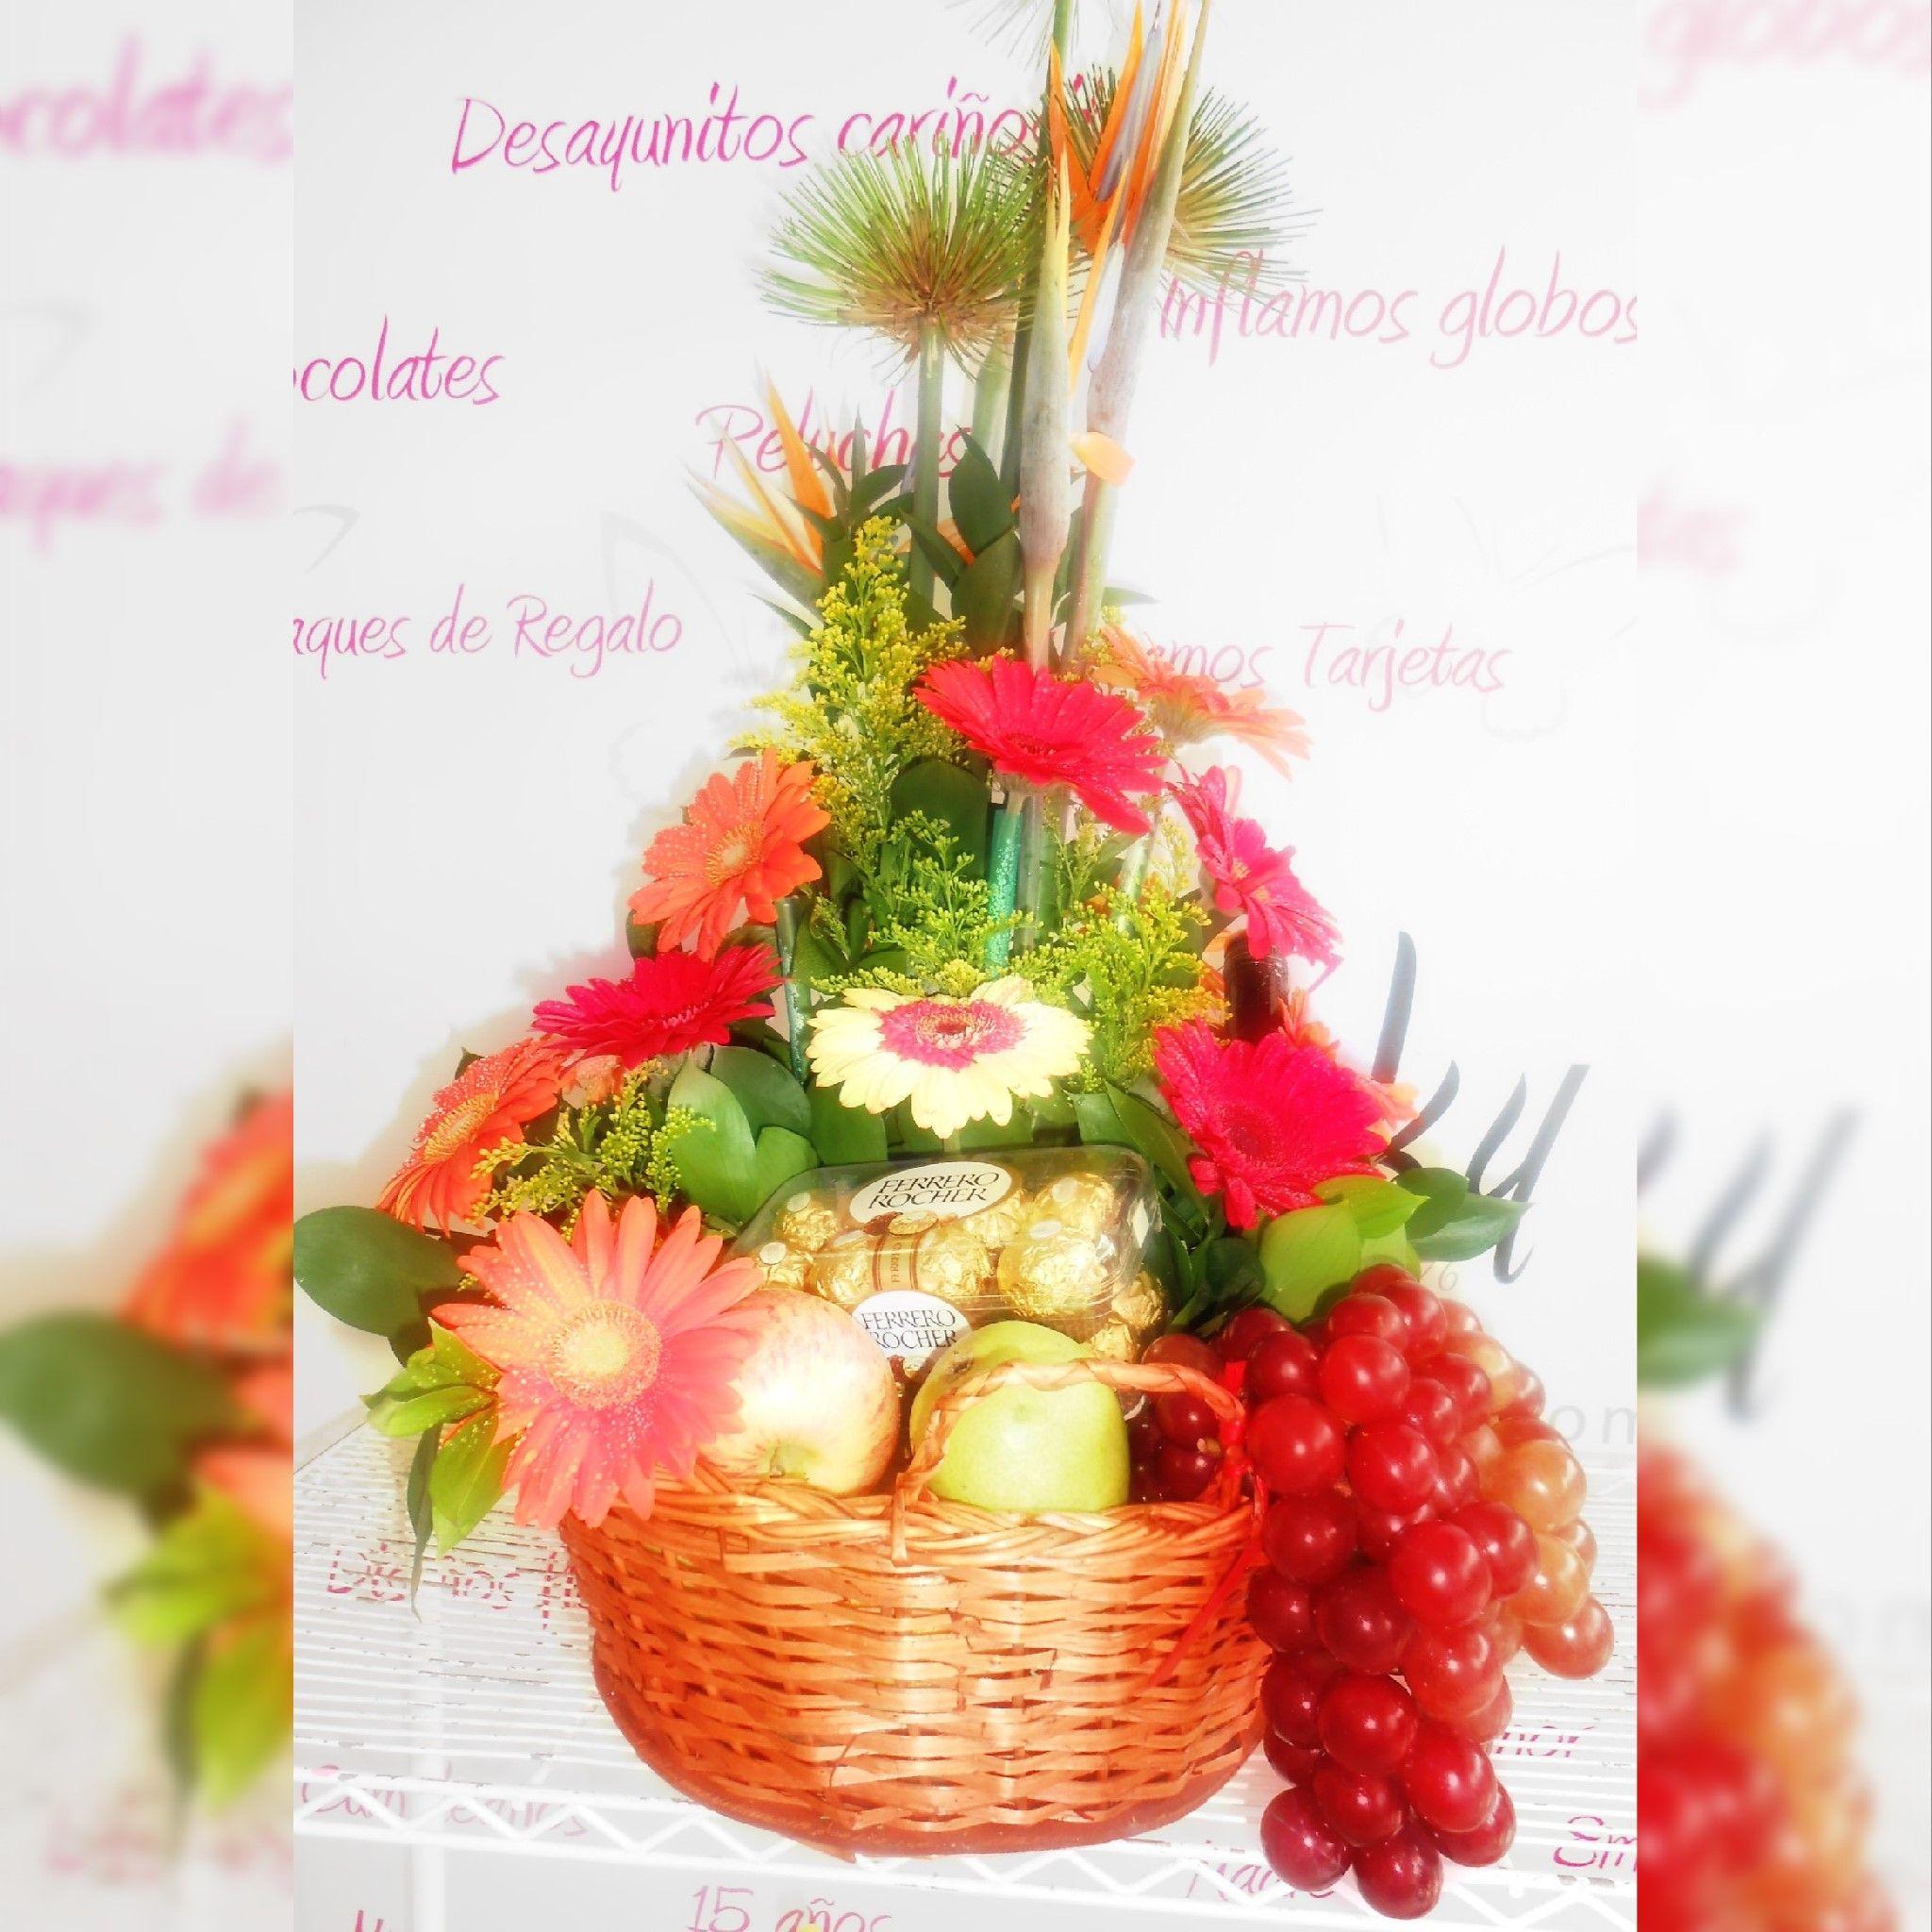 https://business.facebook.com/media/set/?set=a.1347500301940597.1073741886.272183782805593&type=1&business_id=1234155109941784&l=86e951d30e Vive la experiencia #Zabrisky: La magia de las flores en navidad!!! Anchetas, pesebres y mucho más, visítenos en https://floristeria-zabrisky.myshopify.com